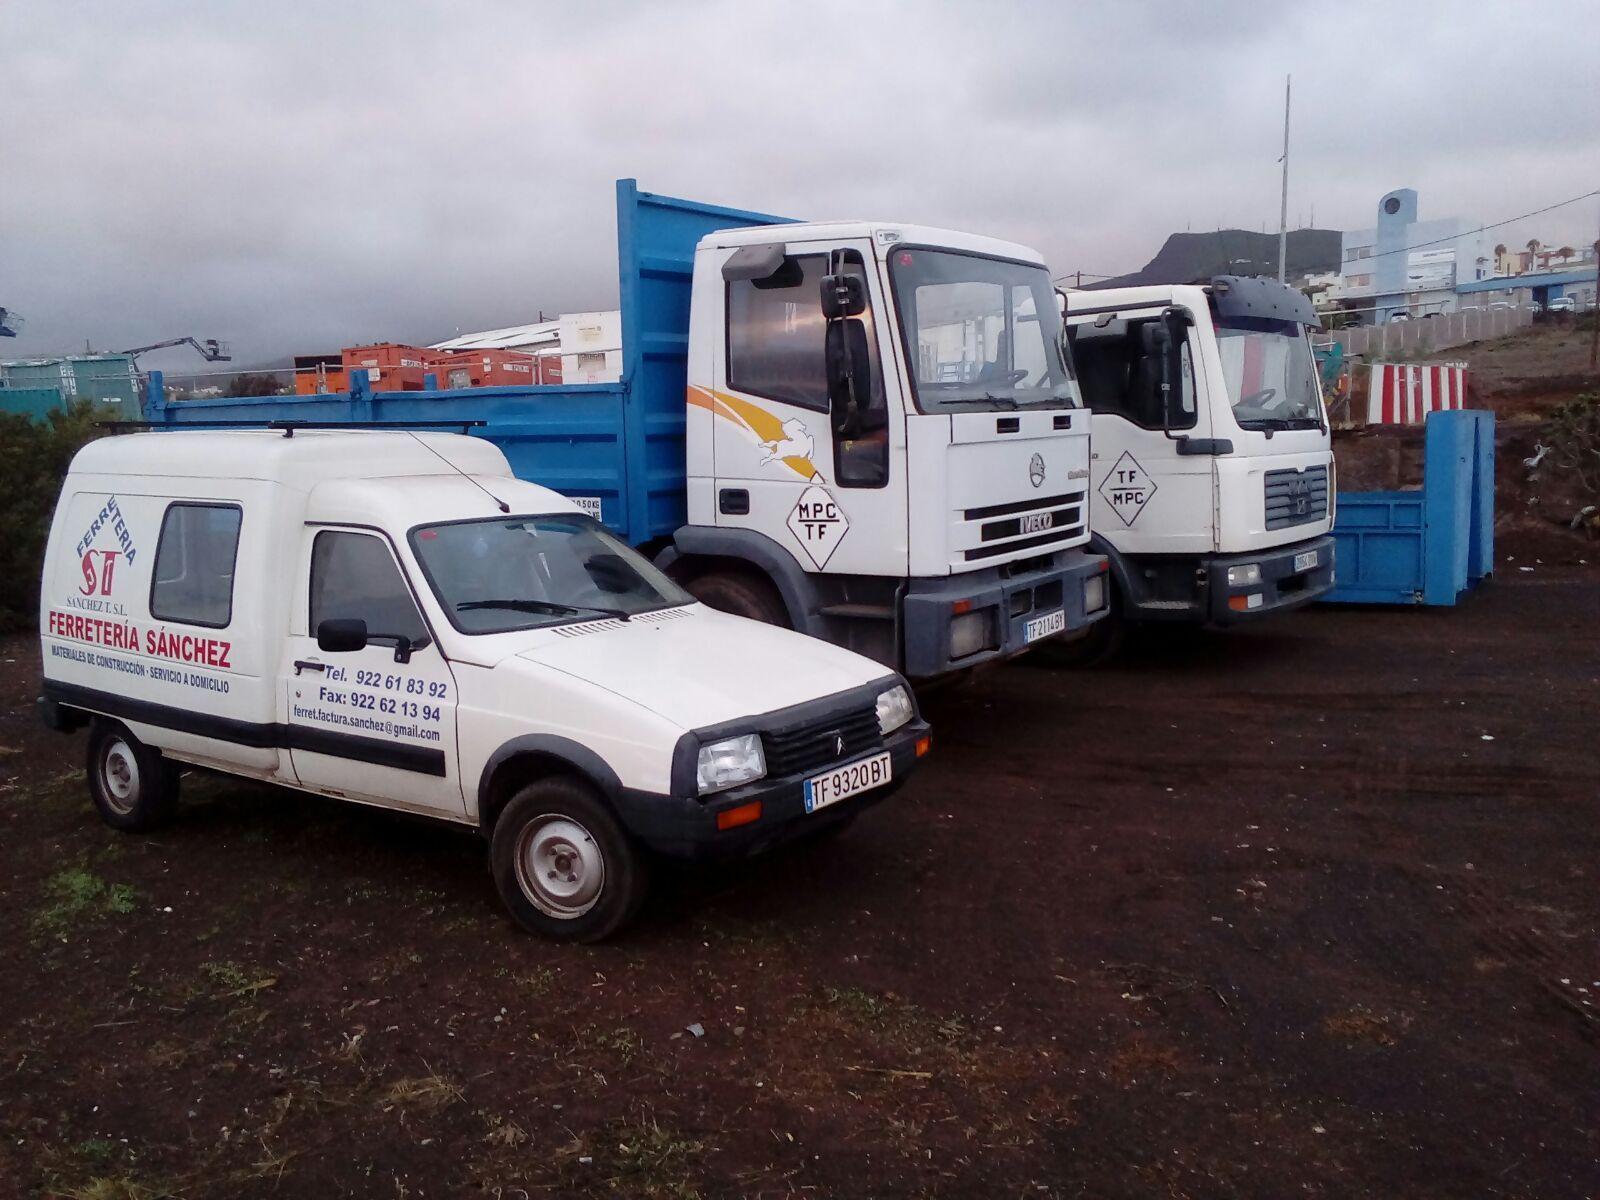 Transporte de retirada y recogida de escombros: Productos y servicios de Ferretería Sánchez